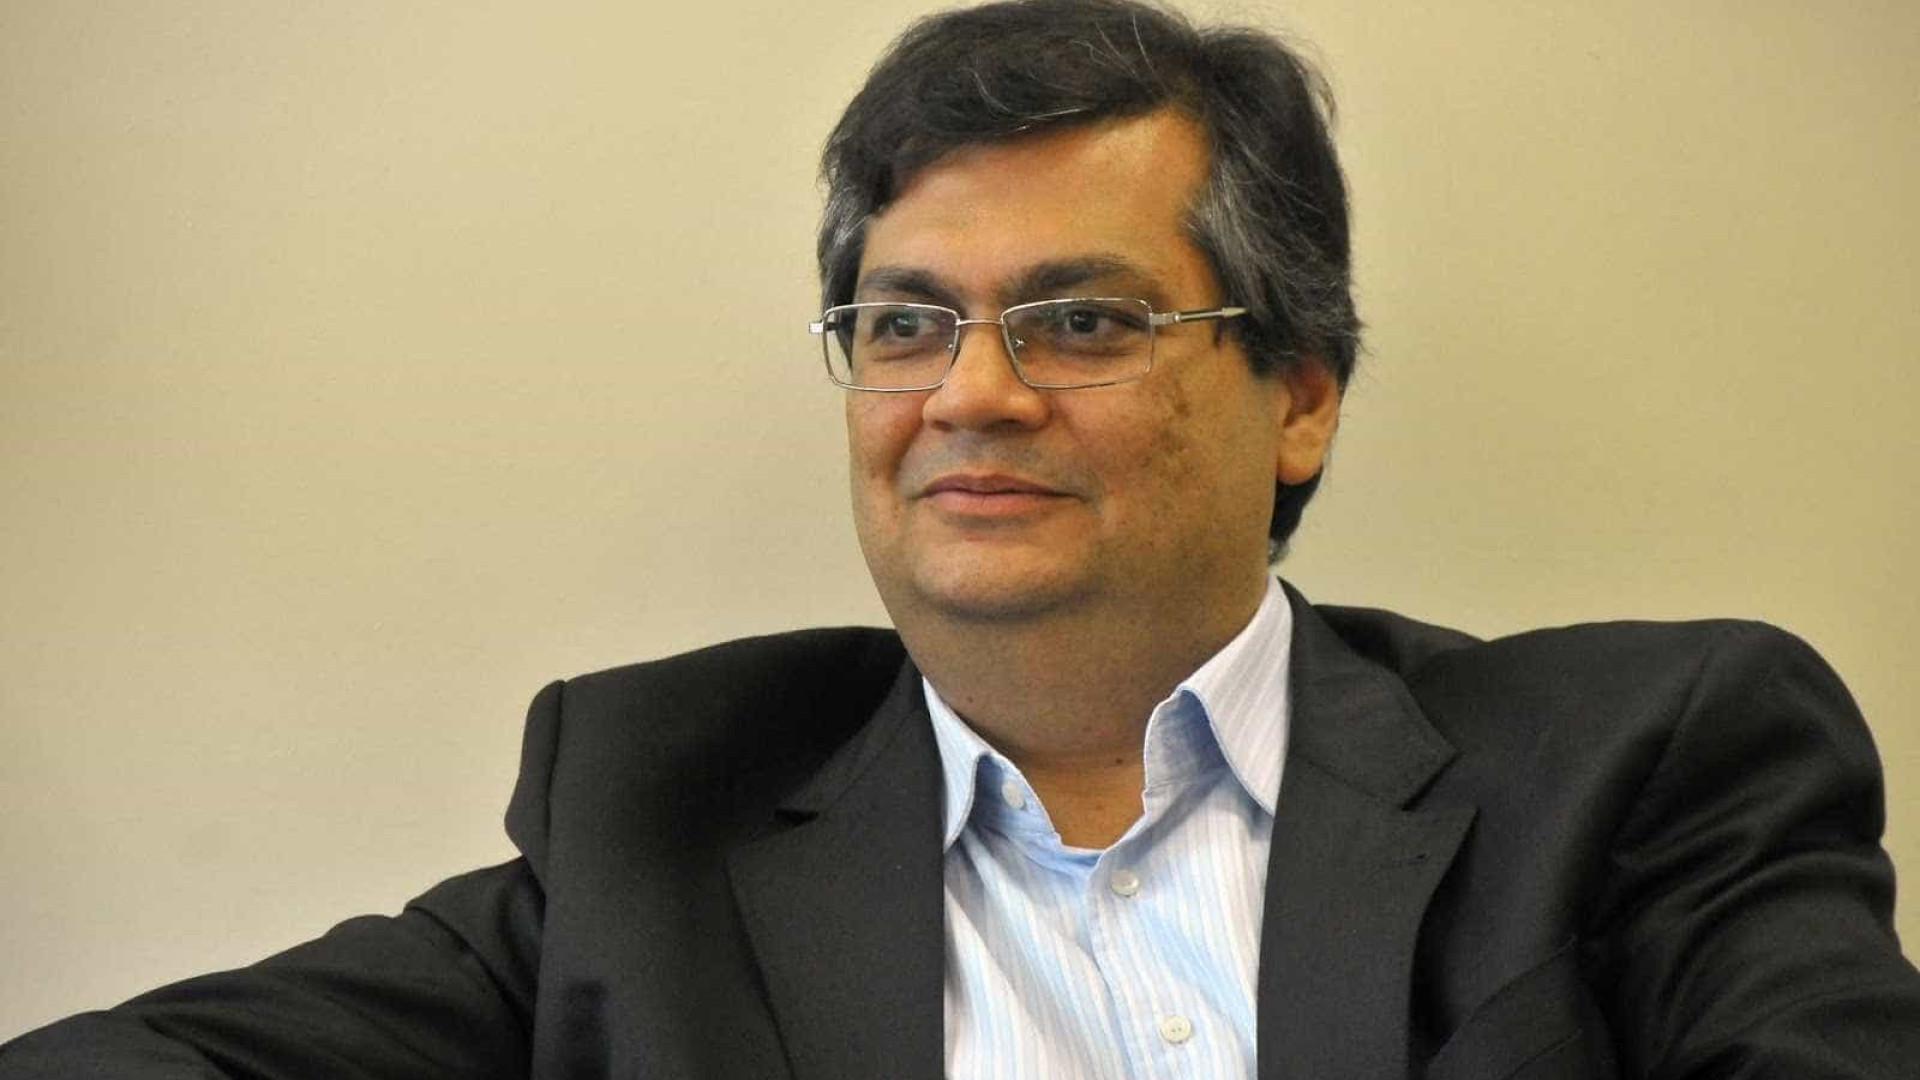 Declarações de Bolsonaro atrapalham investimentos, diz Flávio Dino